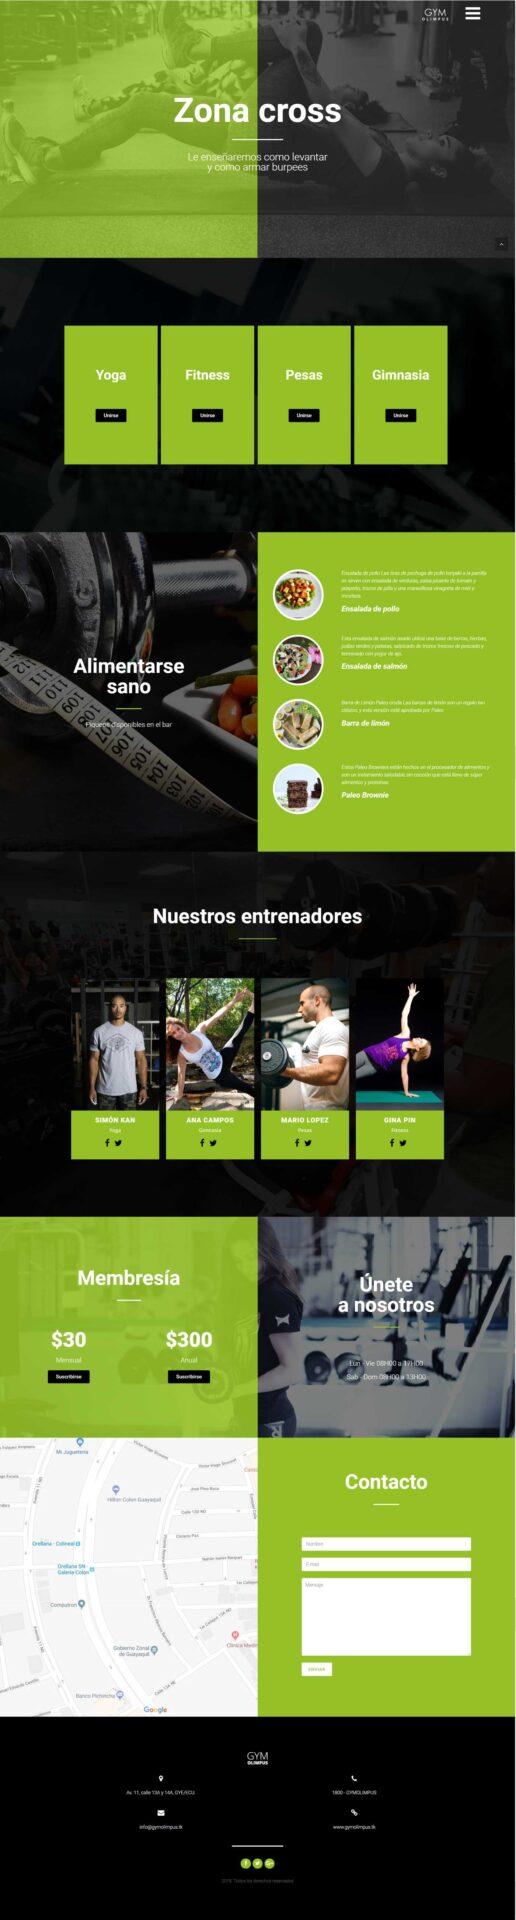 Pagina-web-gimnasio-caso-estudio